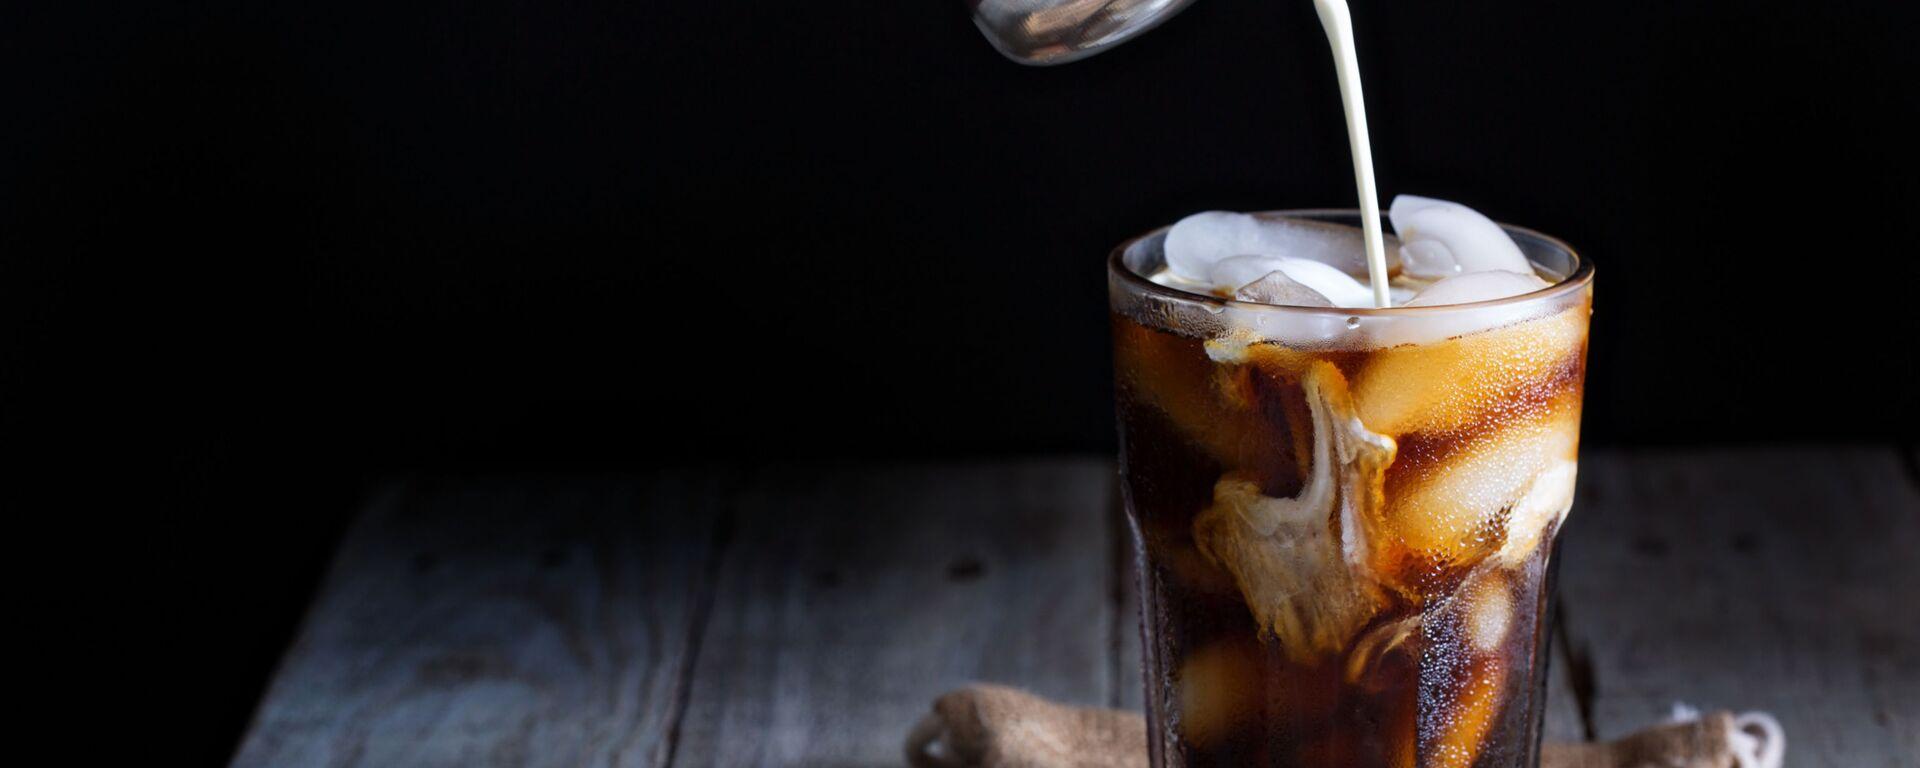 Ledová káva ve sklenici - Sputnik Česká republika, 1920, 01.07.2021